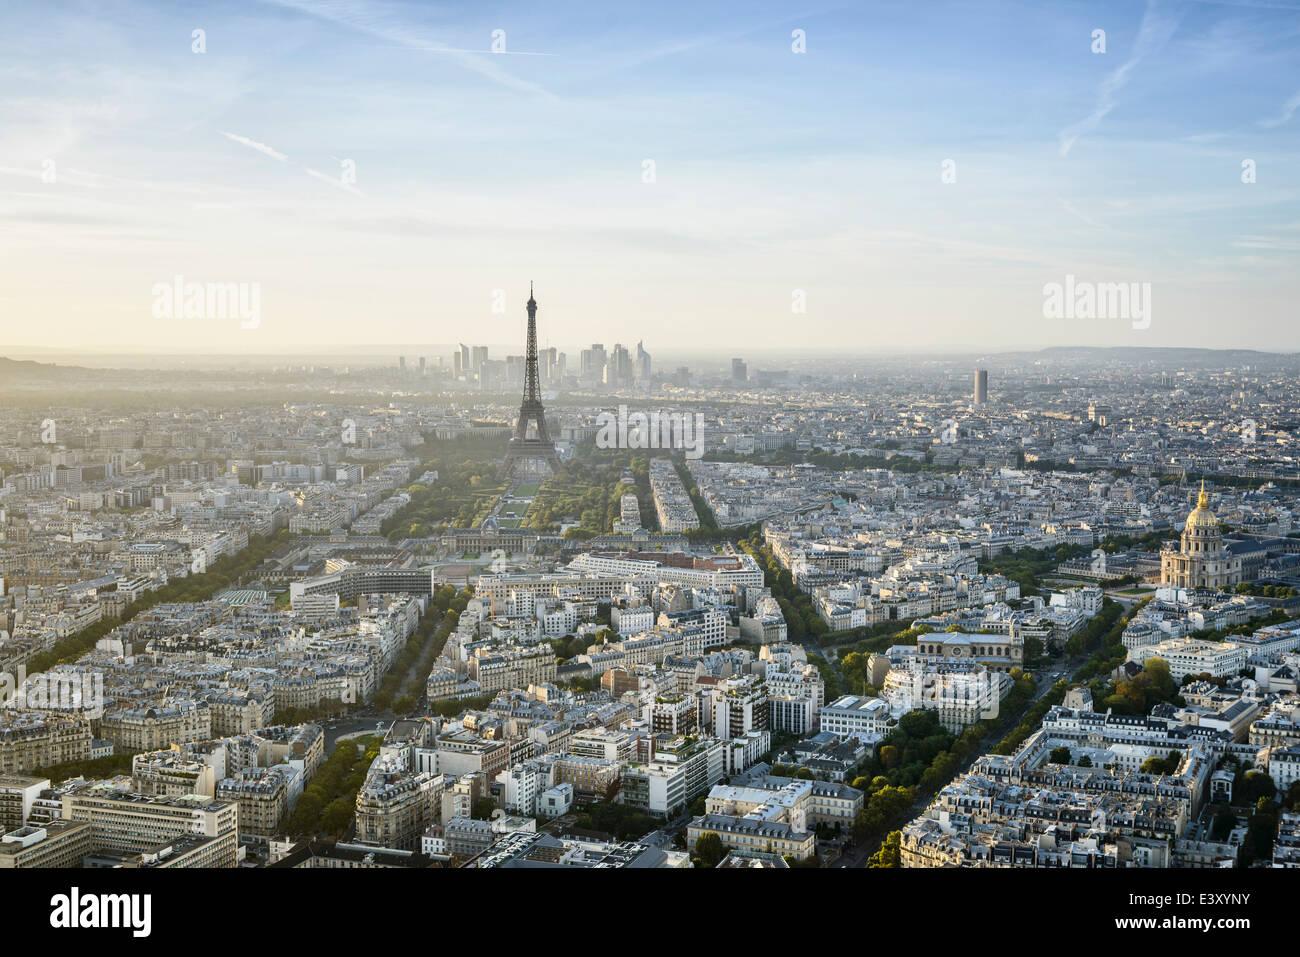 Luftaufnahme der Stadt Paris, Paris, Île-de-France, Frankreich Stockfoto